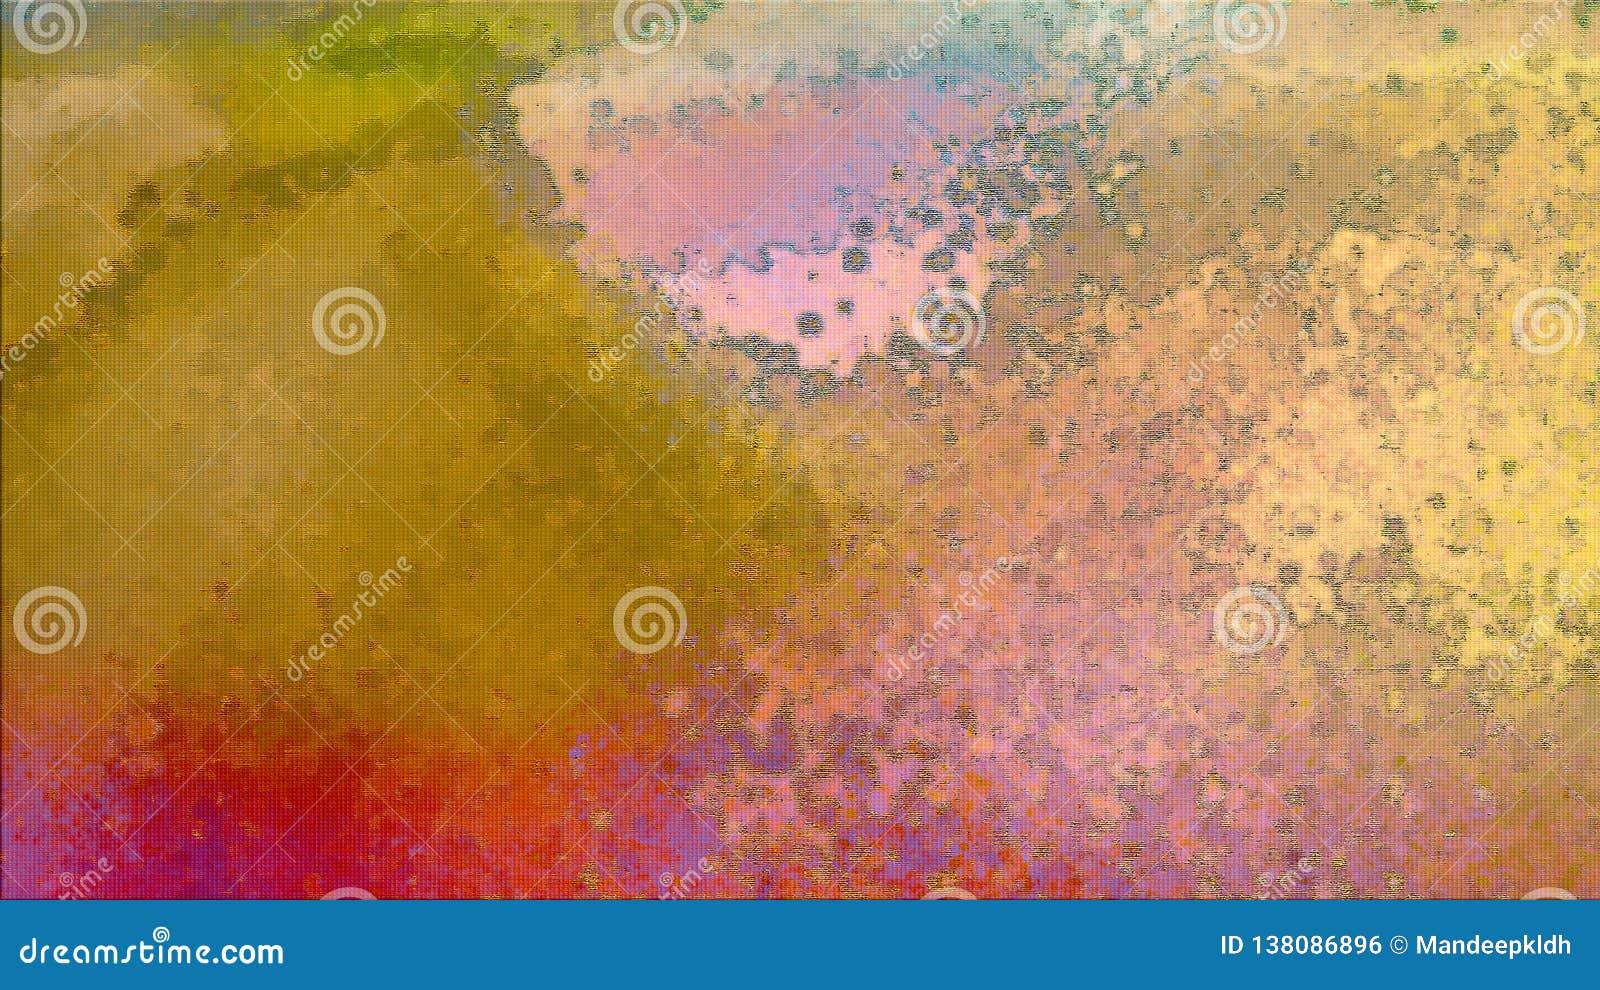 Colores del arco iris Fondo pintado a mano abstracto Movimientos de pintura de acrílico en lona Arte moderno efectos 3D